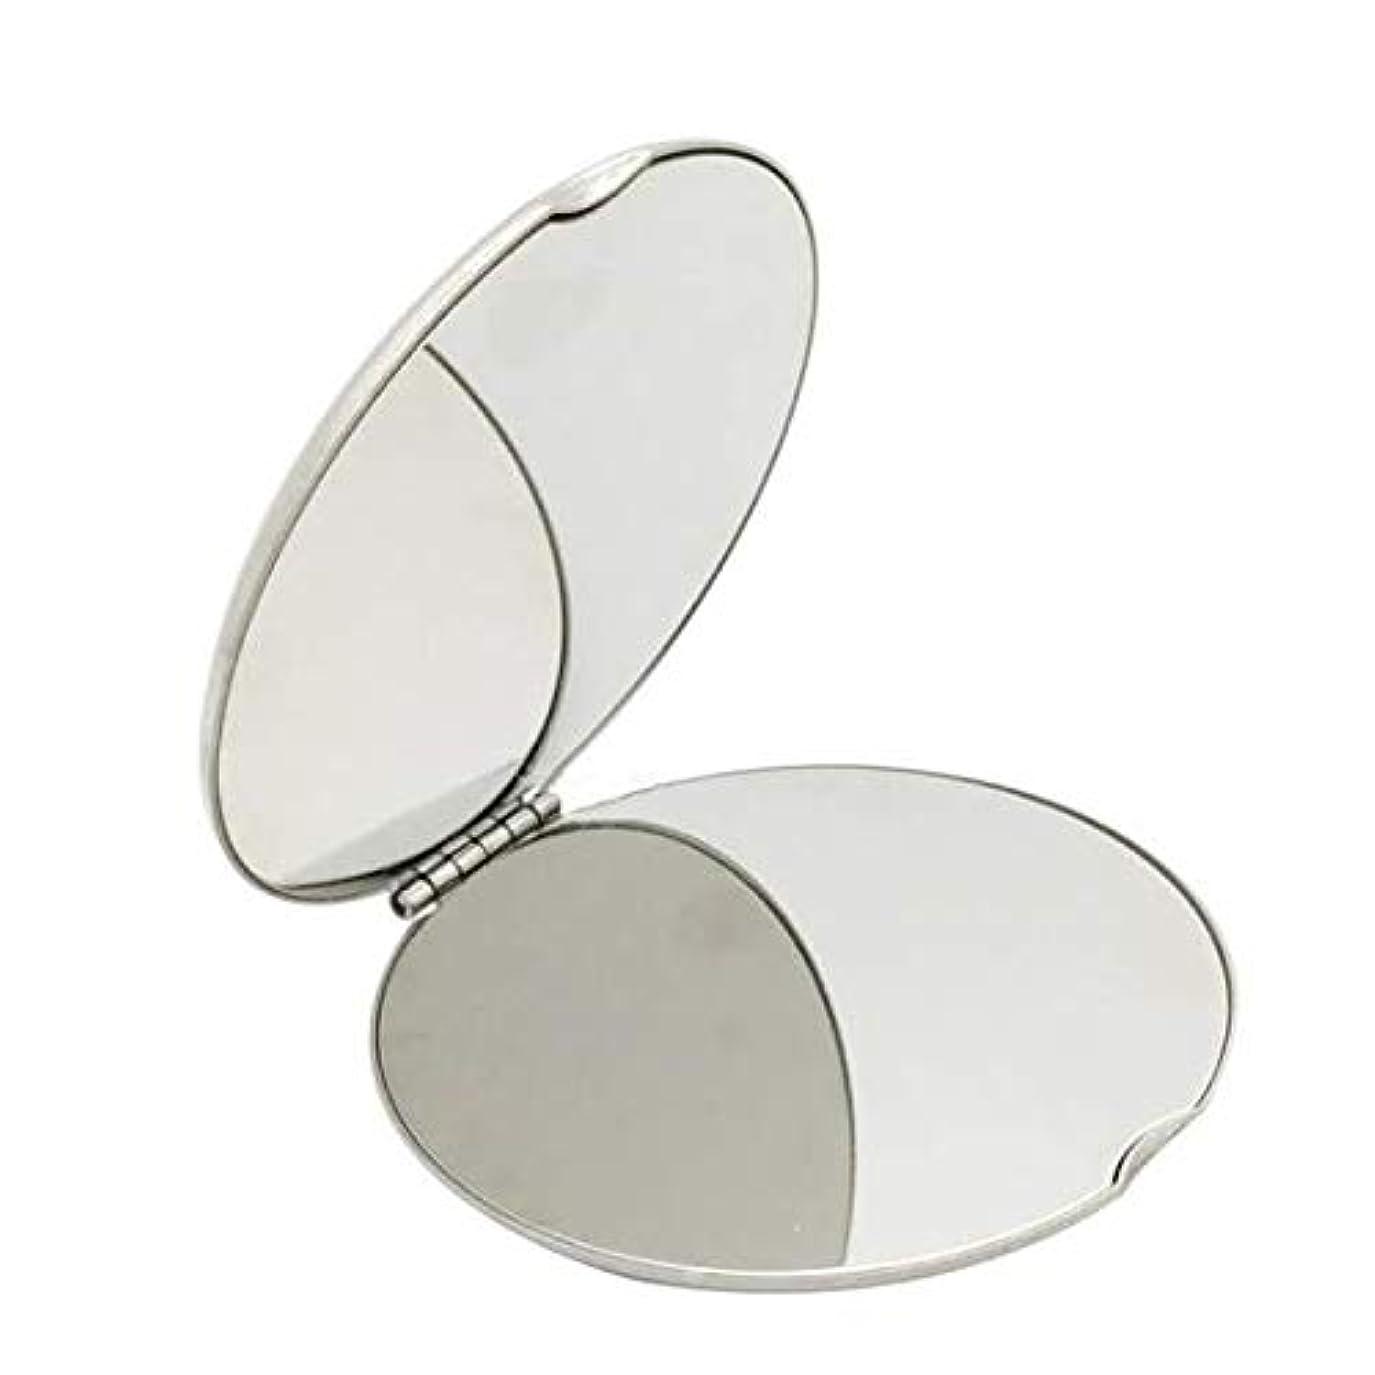 ドア滑り台冷える飛散防止化粧鏡ステンレス鋼 化粧鏡おすすめ 携帯用ミラー化粧用鏡(ラウンド)